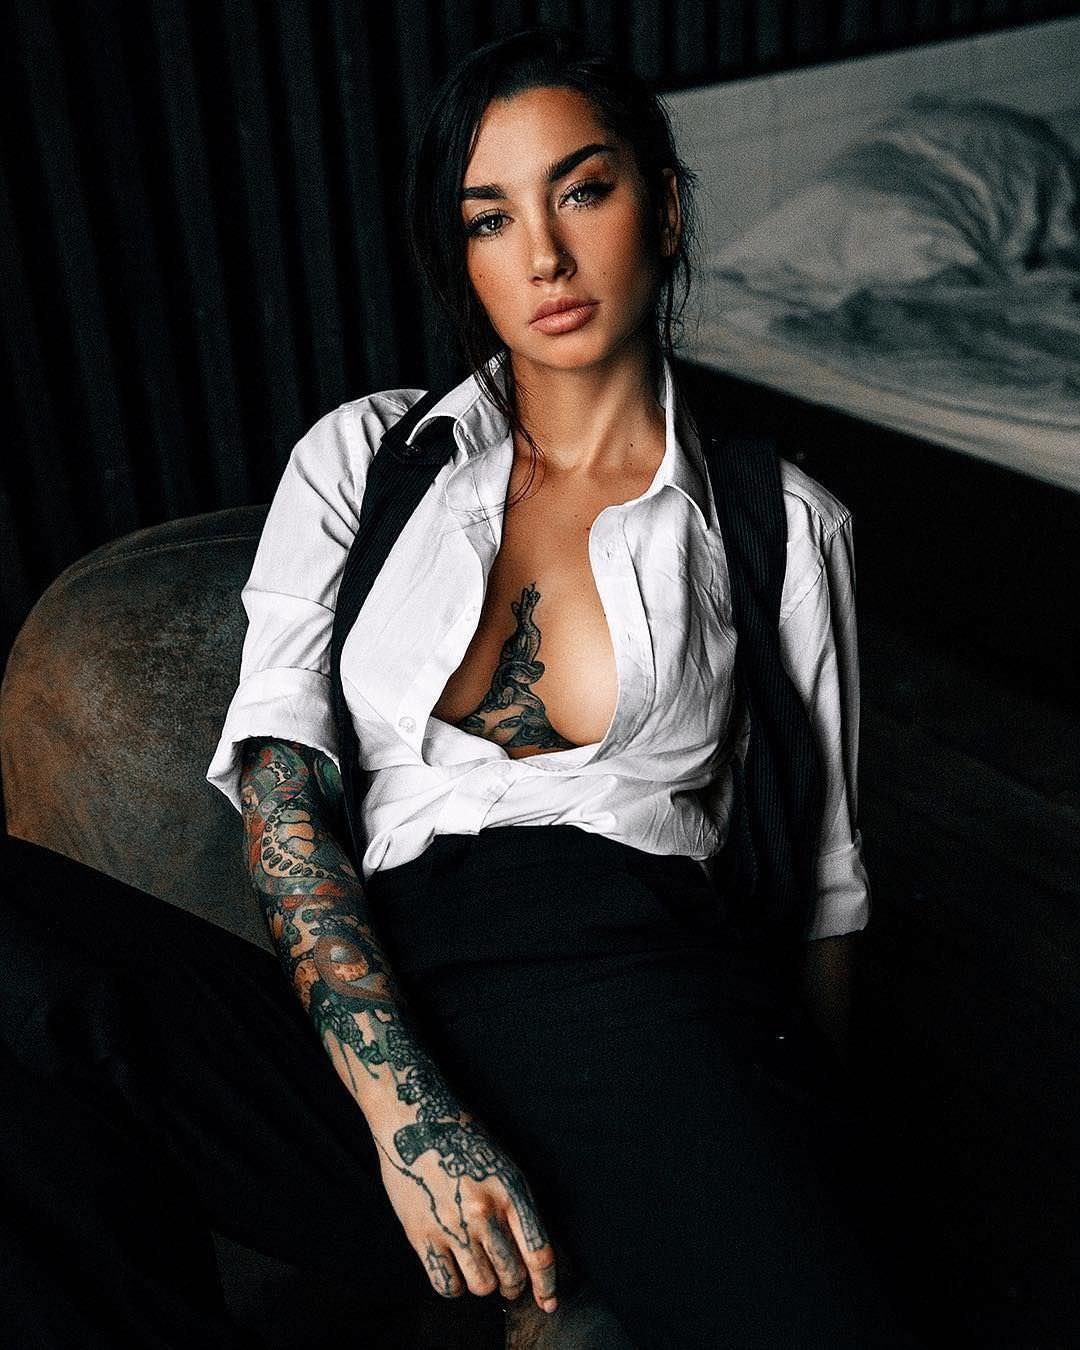 Анжелика Андерсон фото в рубашке